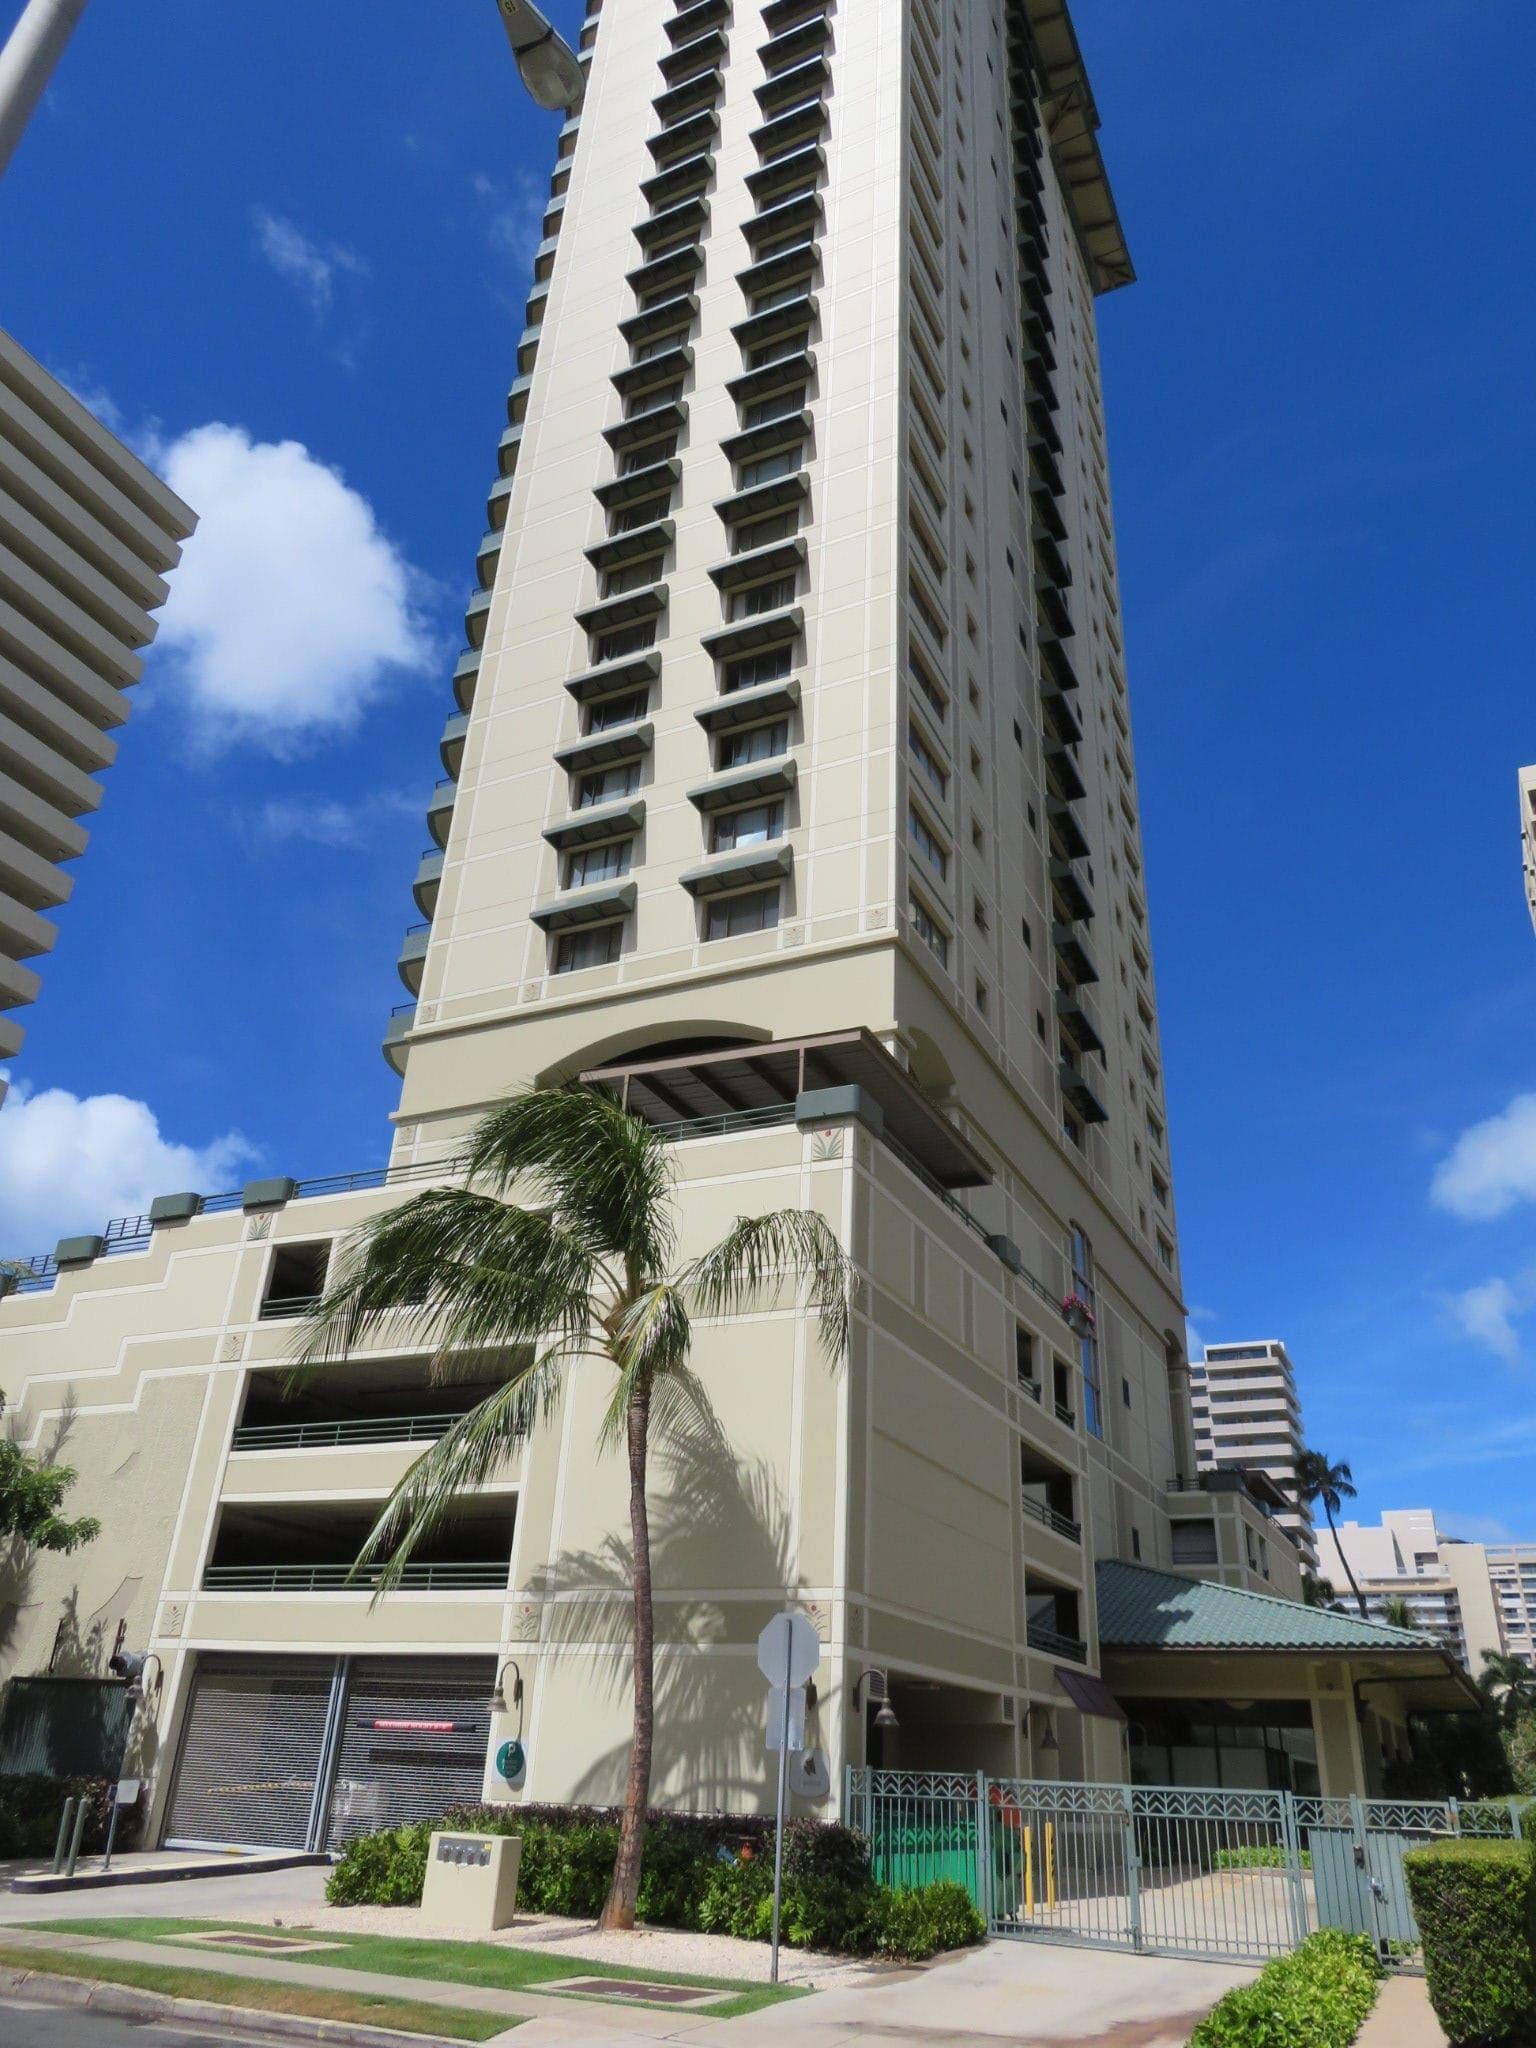 ラニケア・アット・ワイキキ / Lanikea at Waikiki